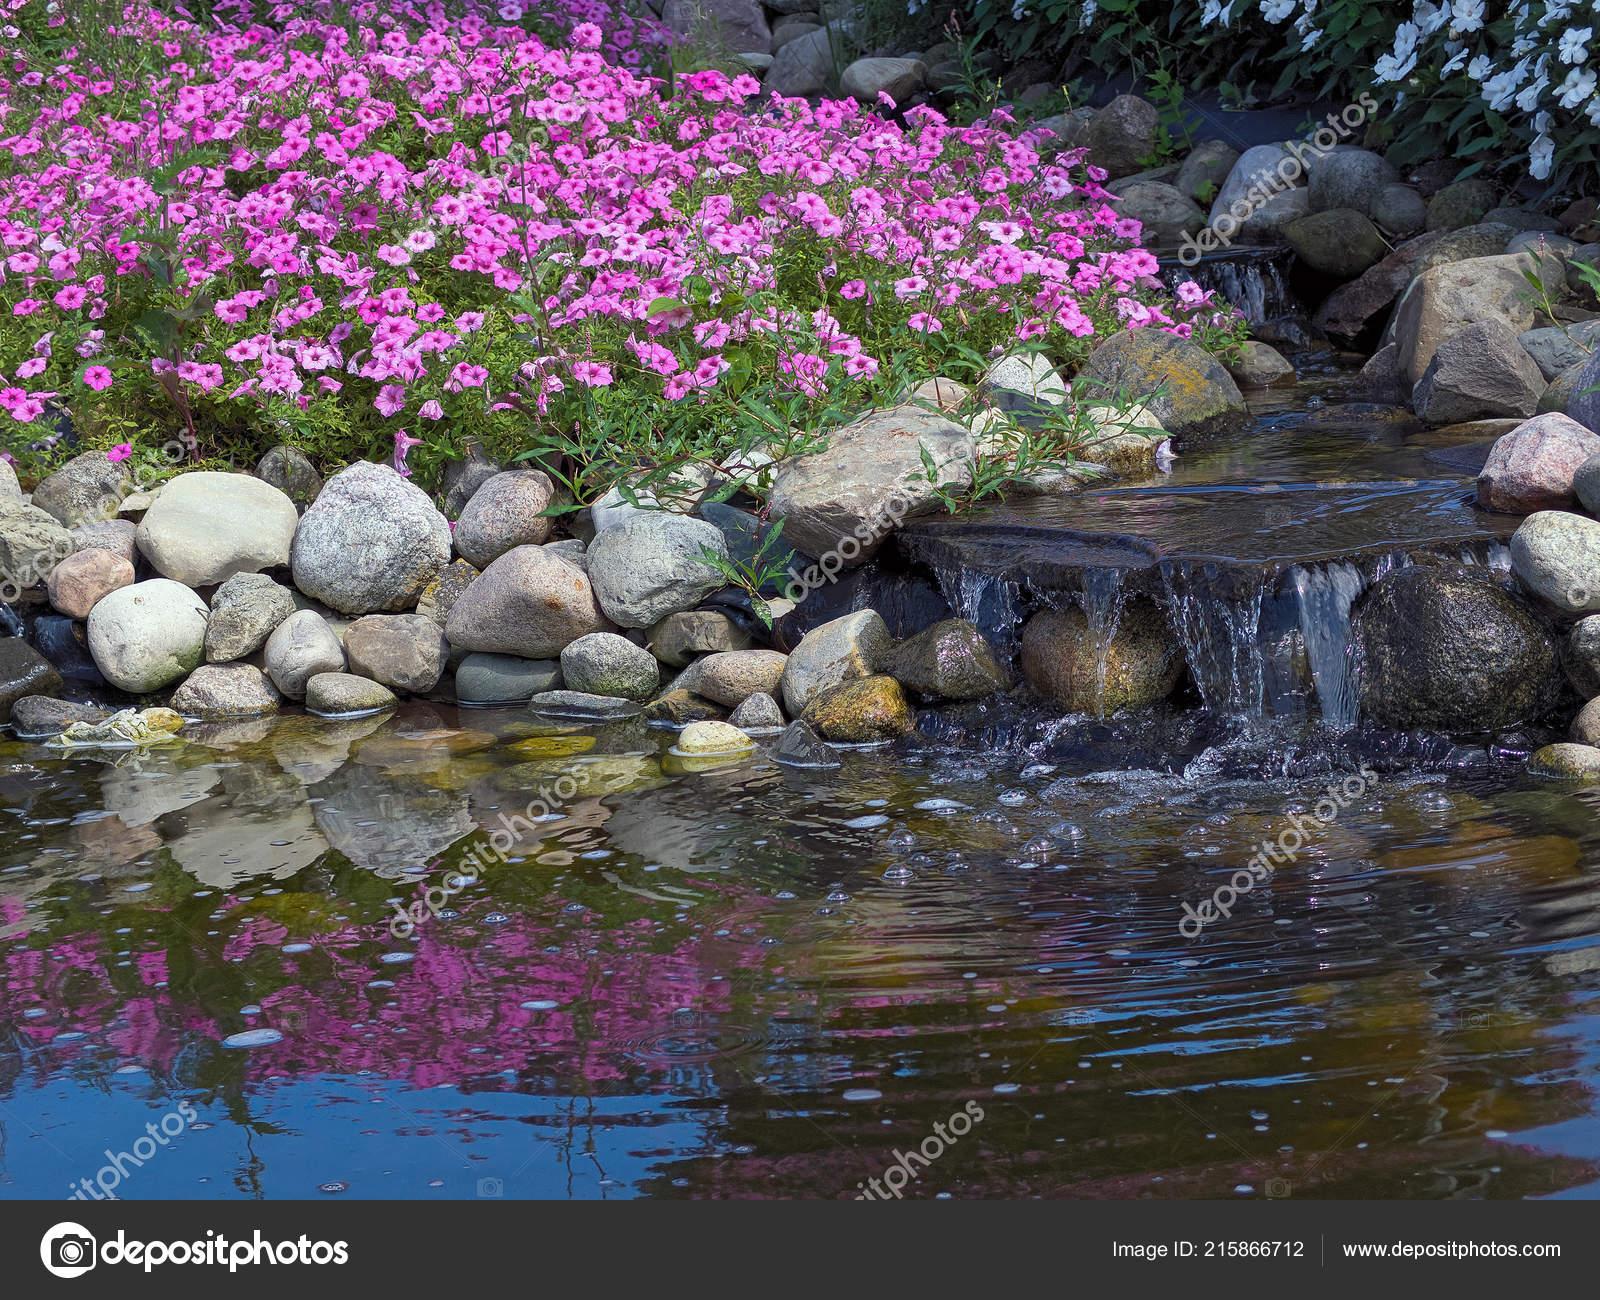 Plantes Pétunia Roses Chute Eau Dans Jardin Rocaille Avec Réflexion ...